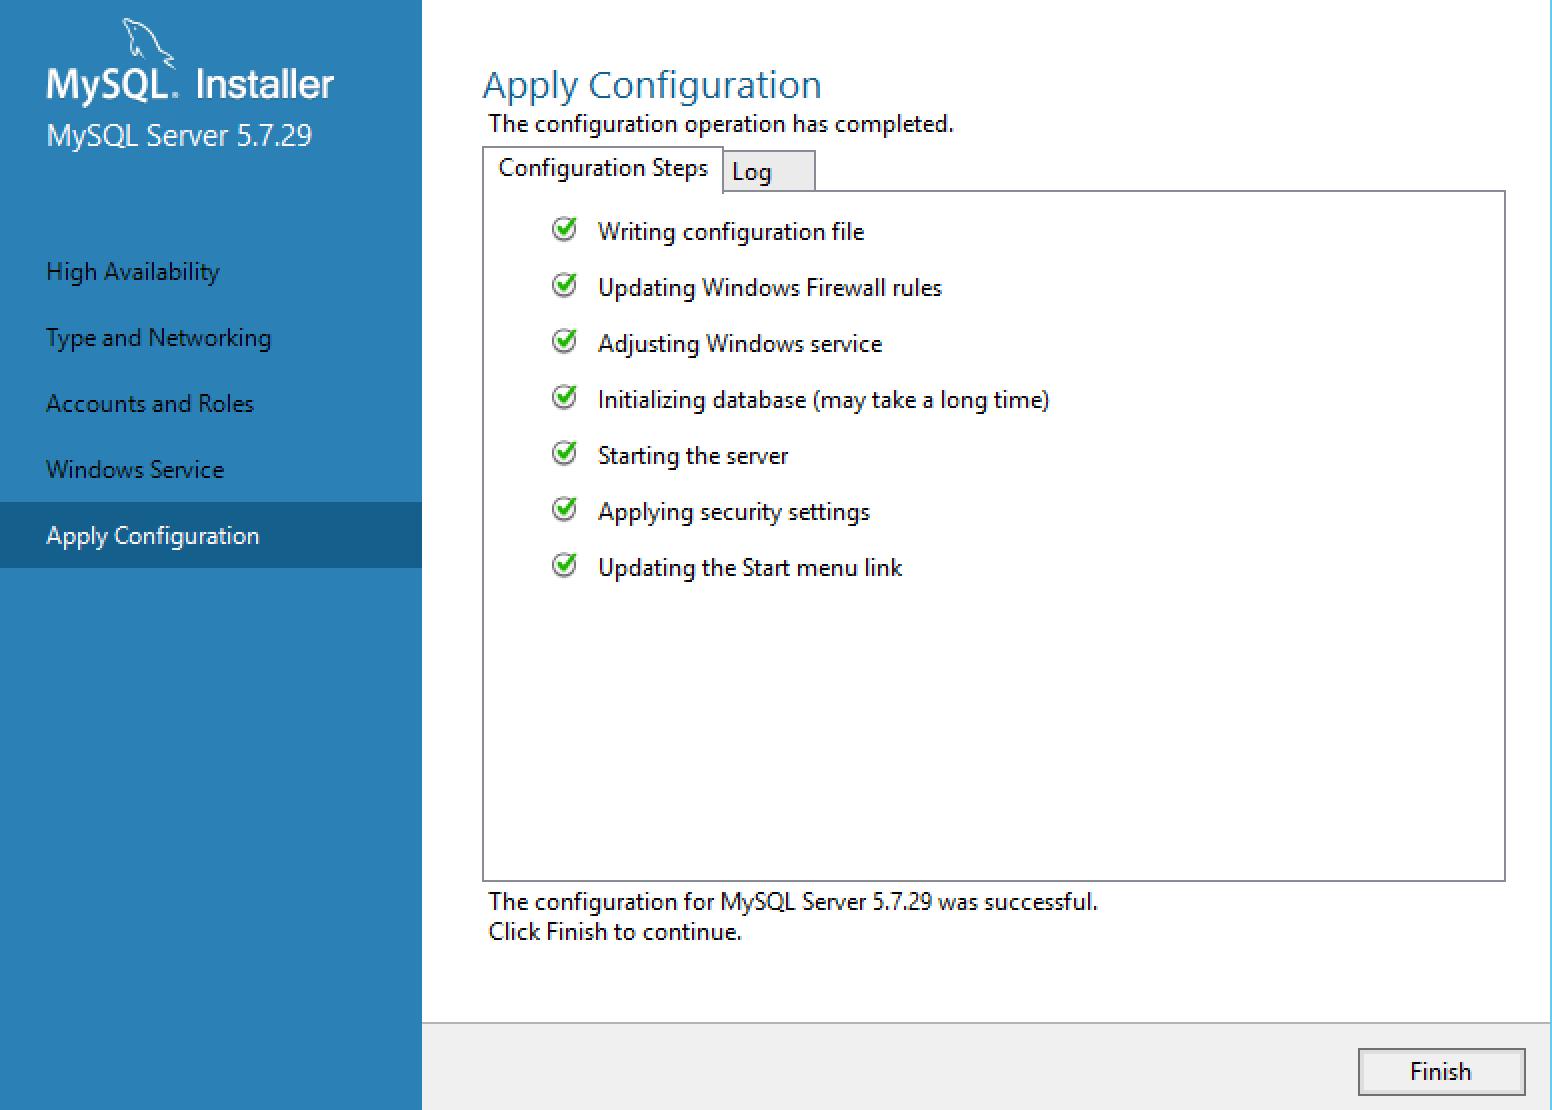 MySQL Installer Confirmation